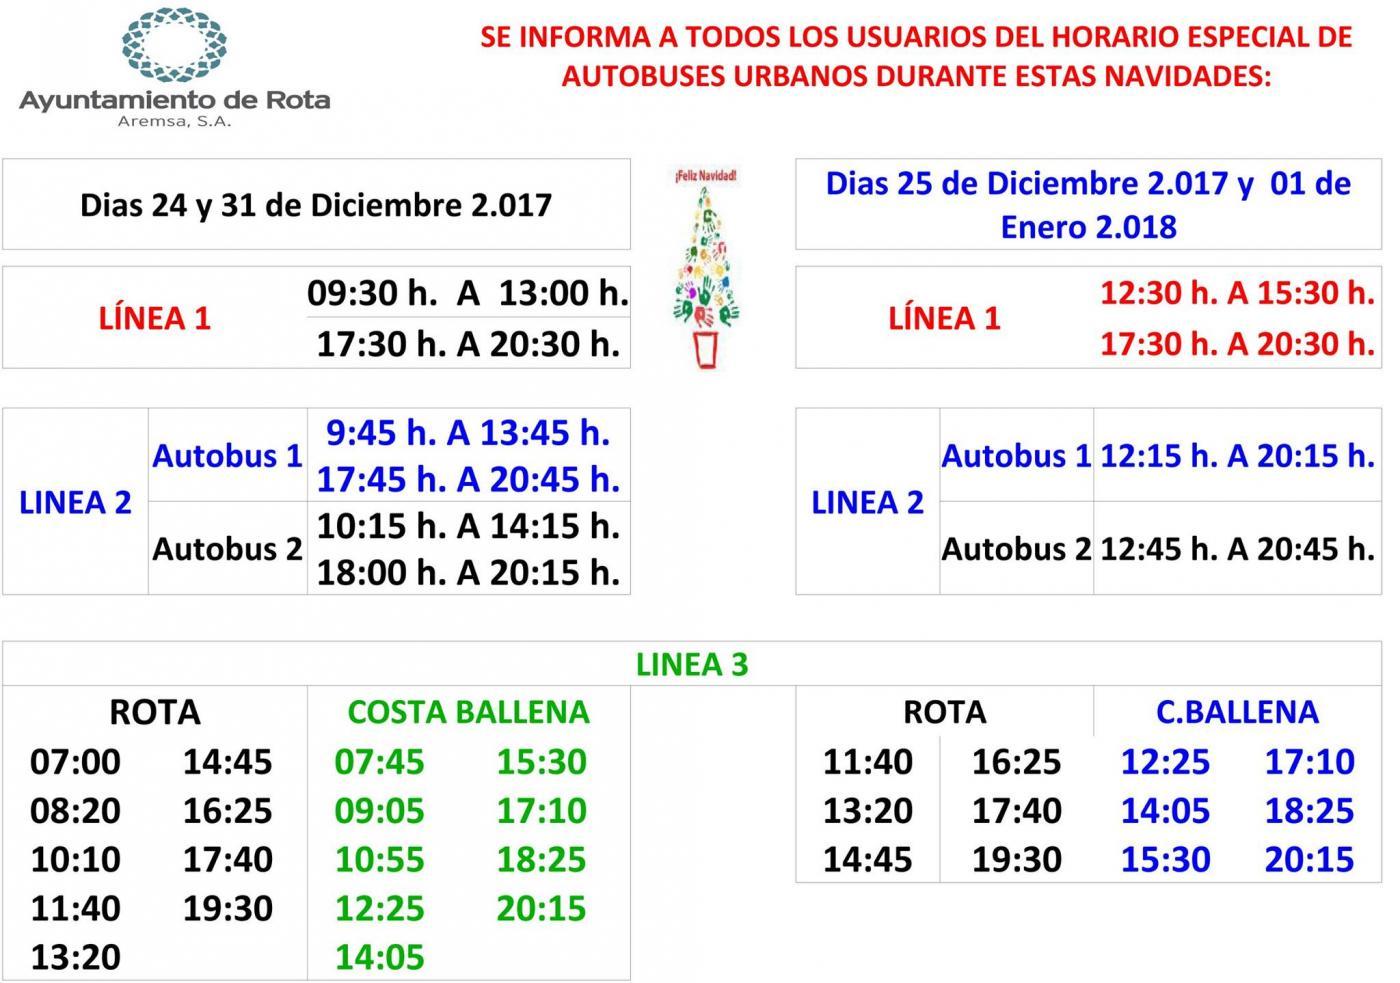 Los Autobuses Adaptan Sus Horarios En Las Fechas Clave De Navidad Andalucía Información Todas Las Noticias De Rota